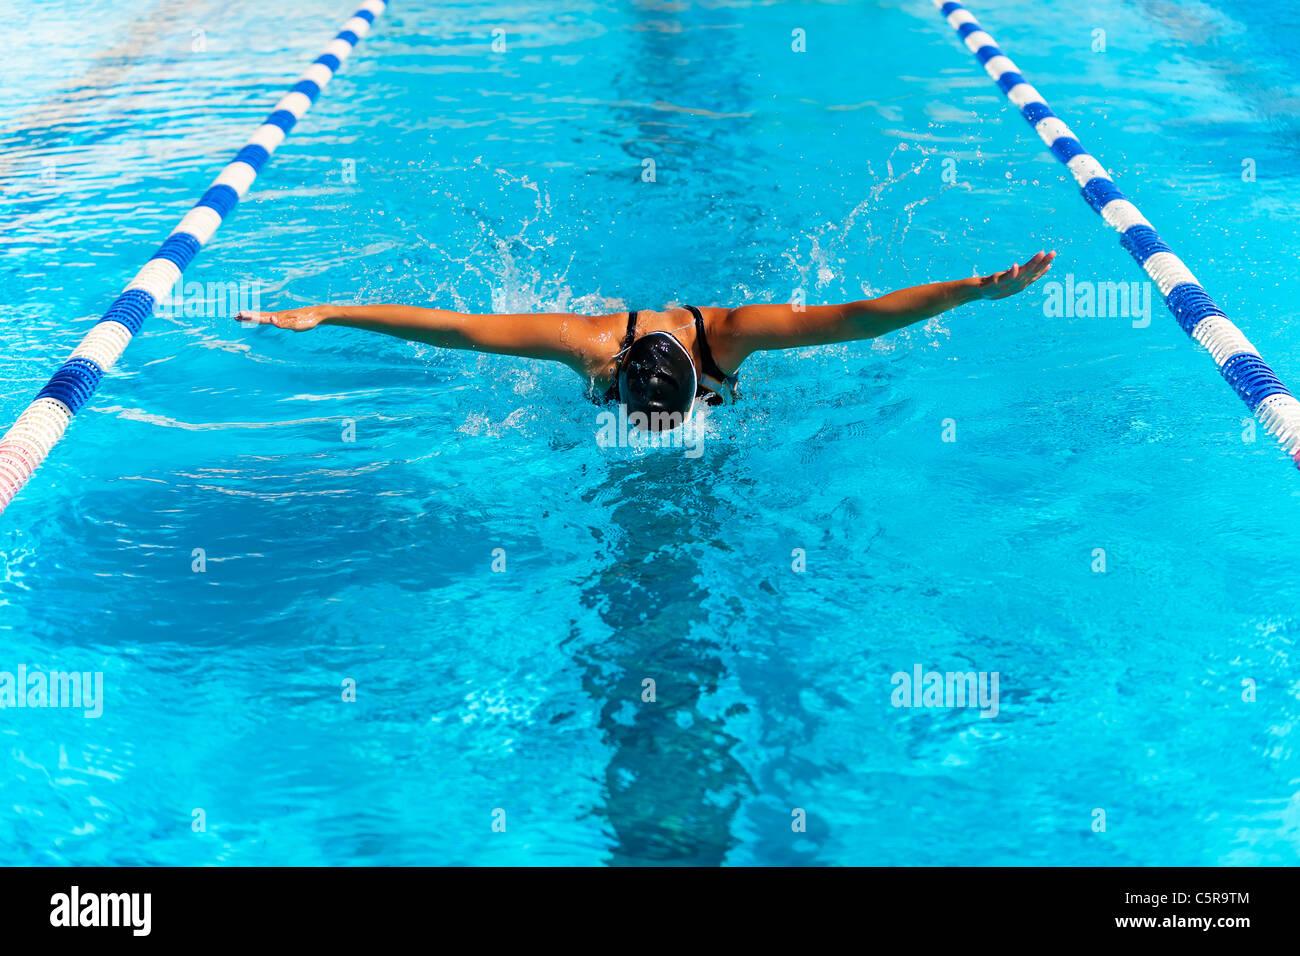 Ein Schwimmer ist den Schmetterling. Stockbild